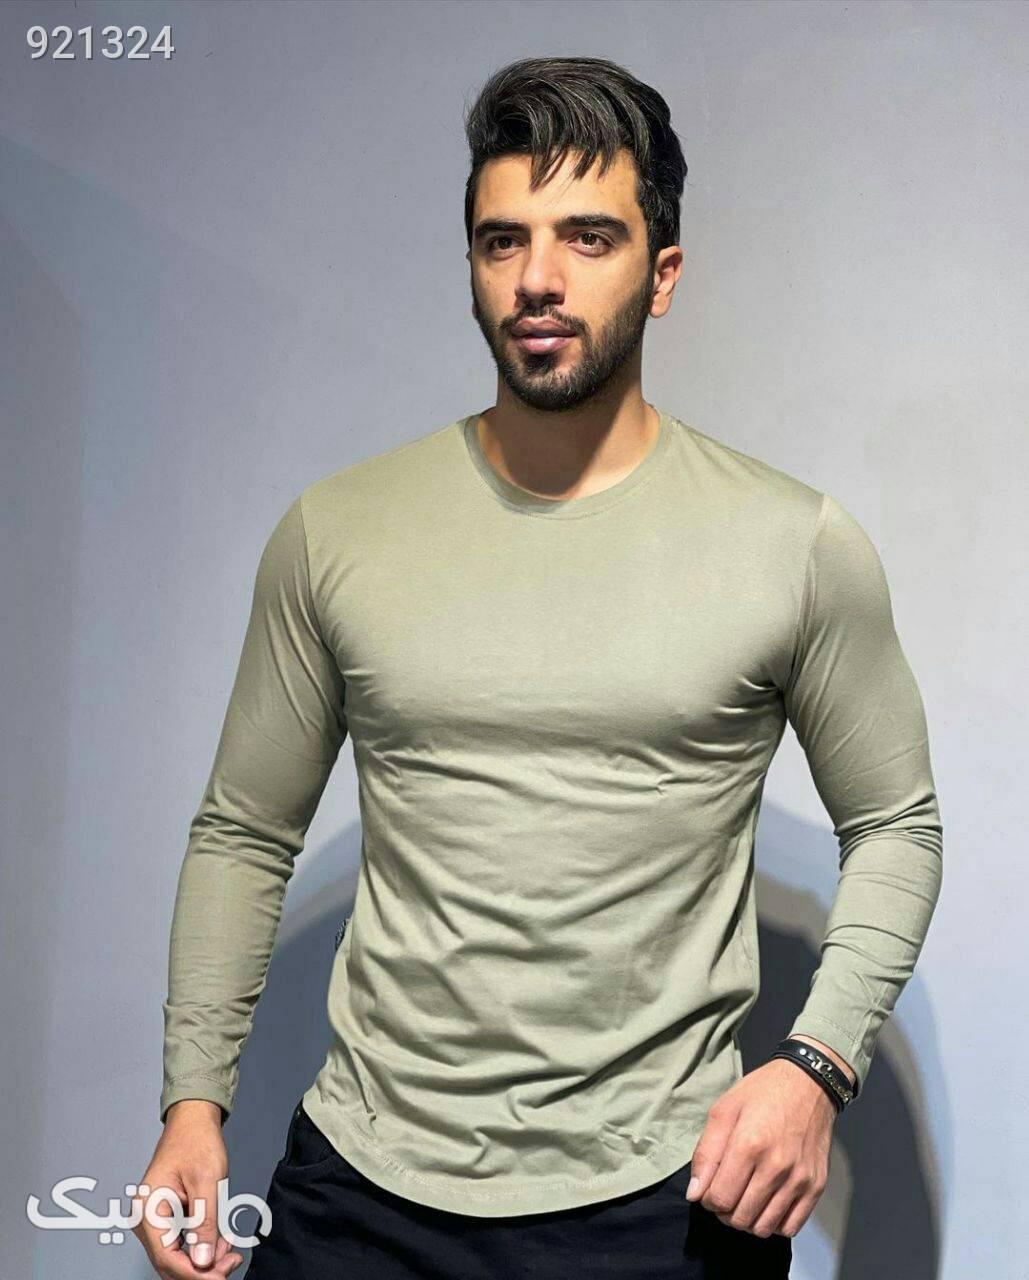 تیشرت های آستین بلند سبز تی شرت و پولو شرت مردانه